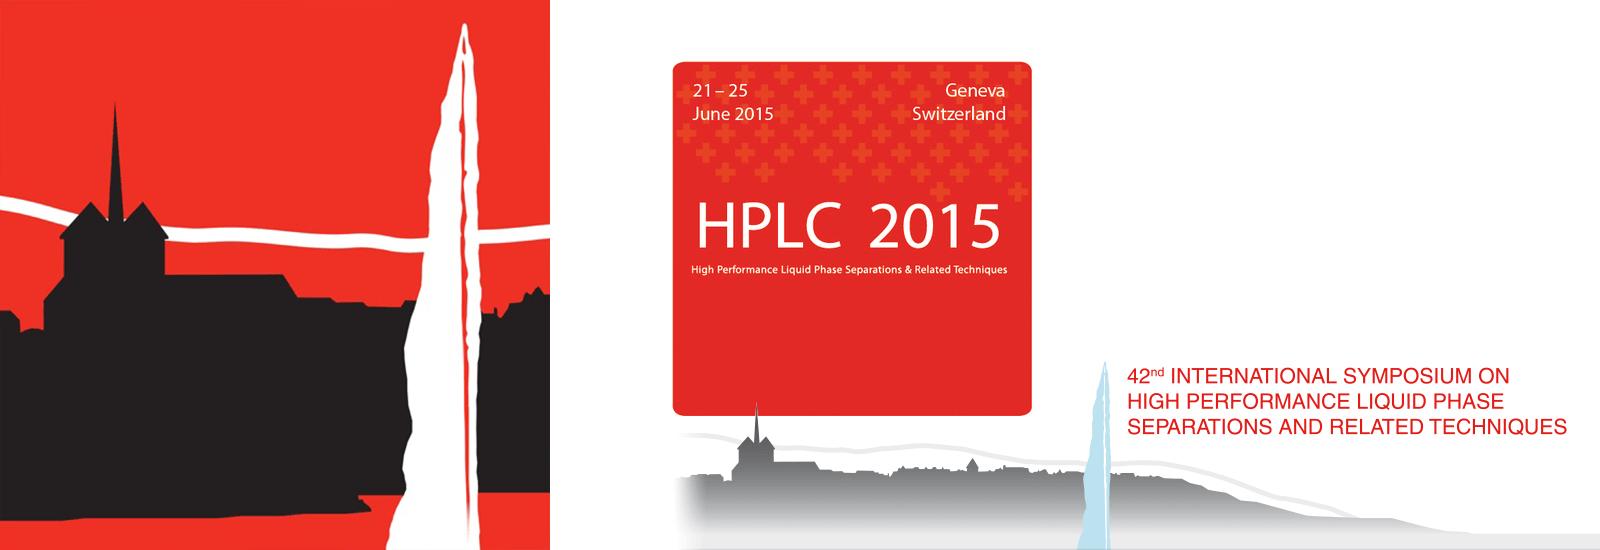 Merck millipore au salon HPLC de Genève